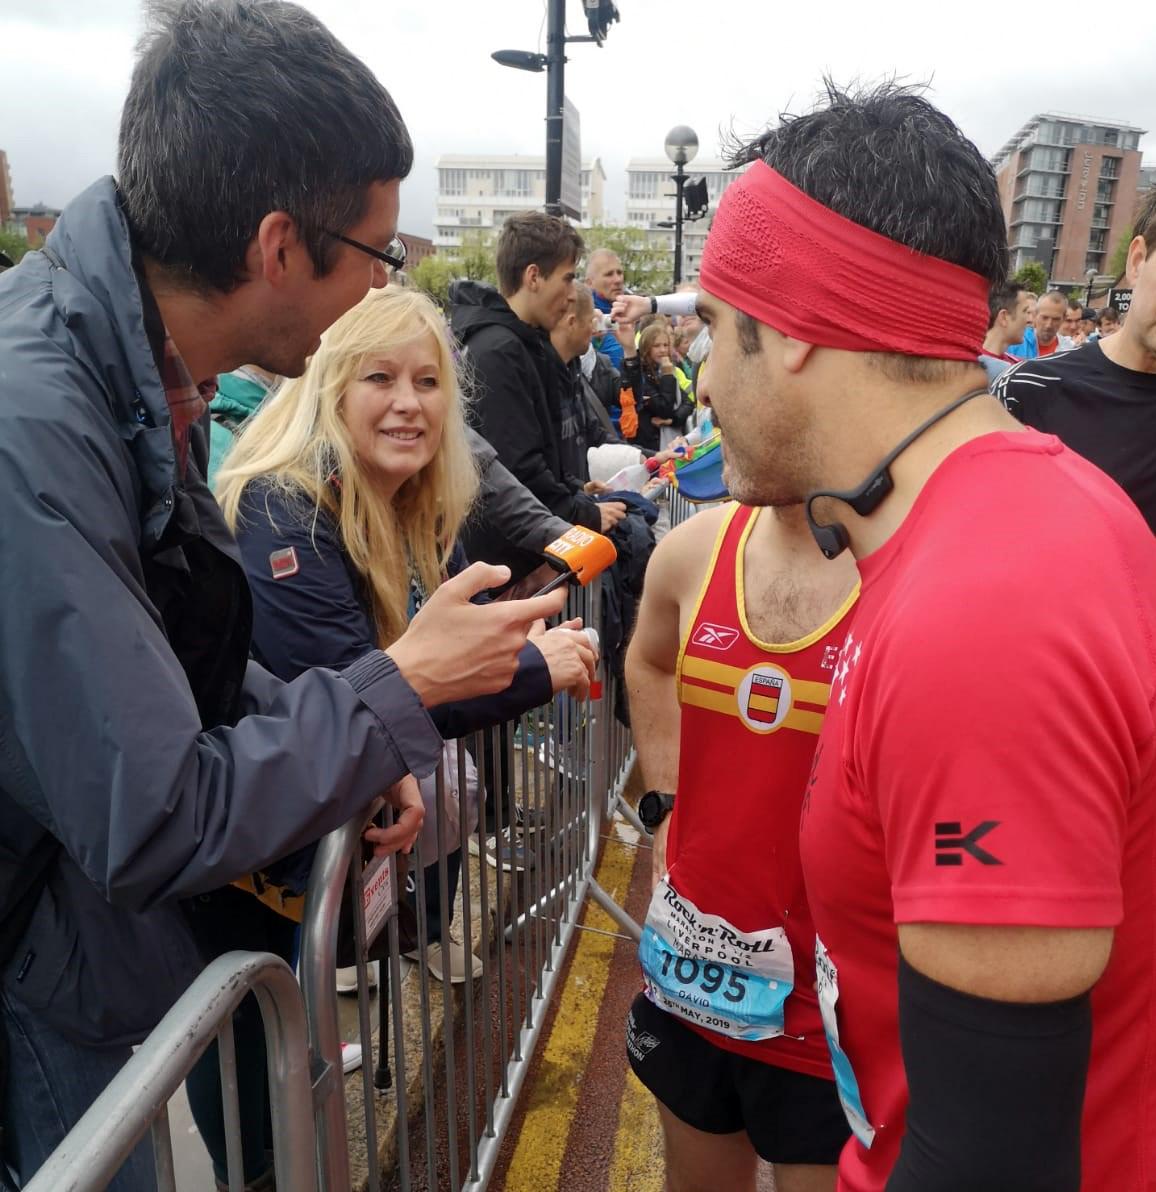 Maratón de Liverpool, Marathon maratón de liverpool - 48687269138 3ebce729a0 o - Maratón de Liverpool: análisis, recorrido, entrenamiento y recomendaciones de viaje